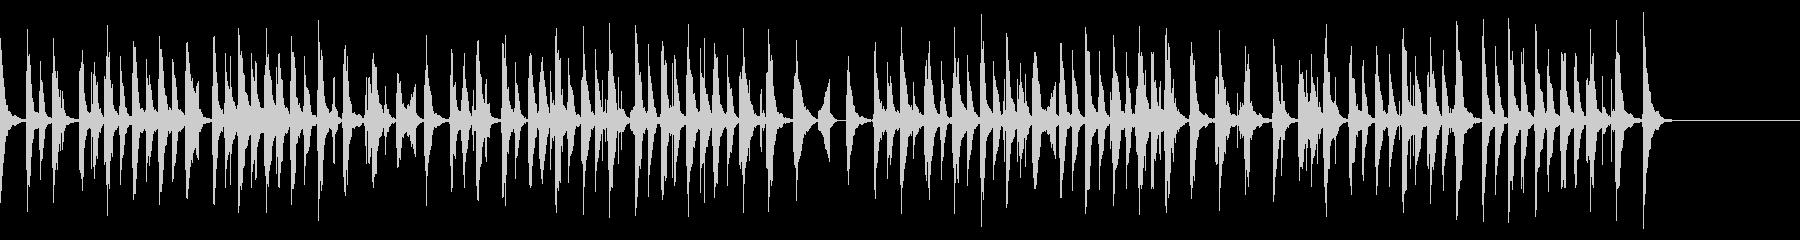 ほのぼのとした中でも活気のあるBGMの未再生の波形